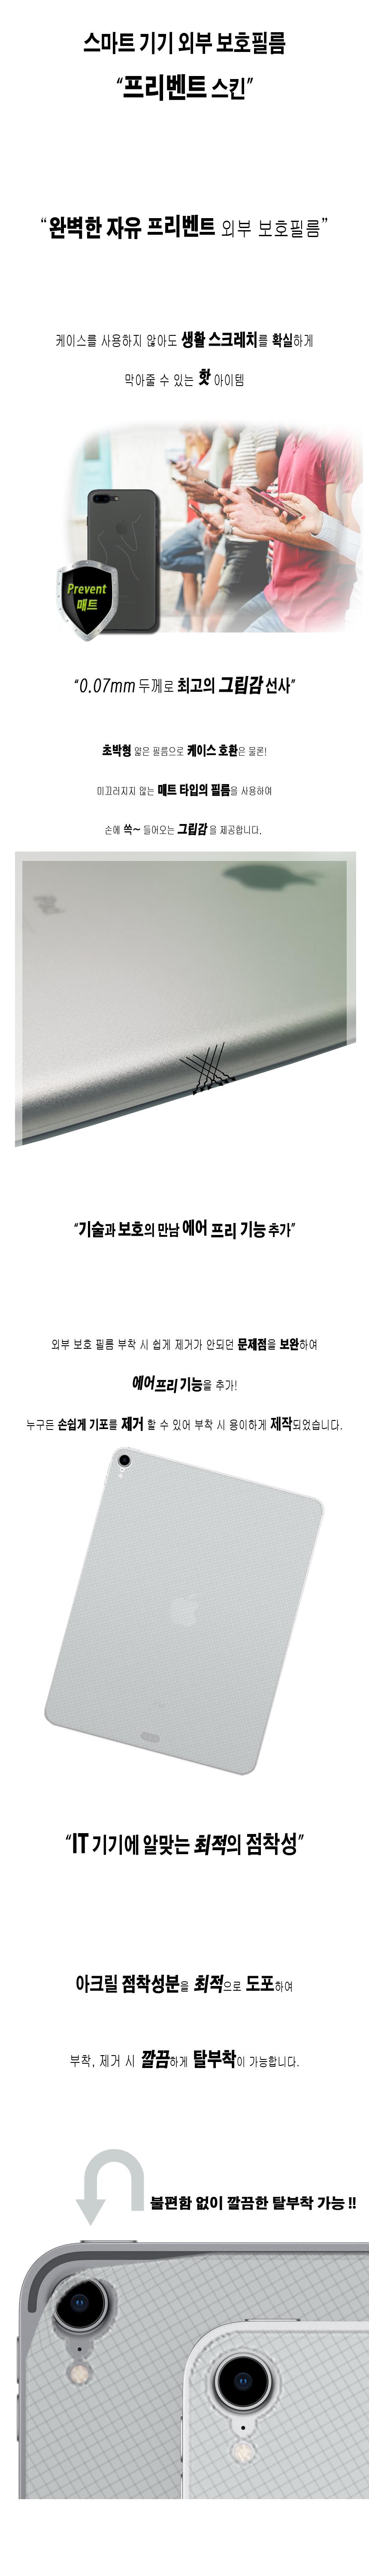 갤럭시탭s3 9.7 슬림소프트 종이질감 액정+후면 - 좀비베리어, 10,400원, 필름/스킨, 기타 갤럭시 제품